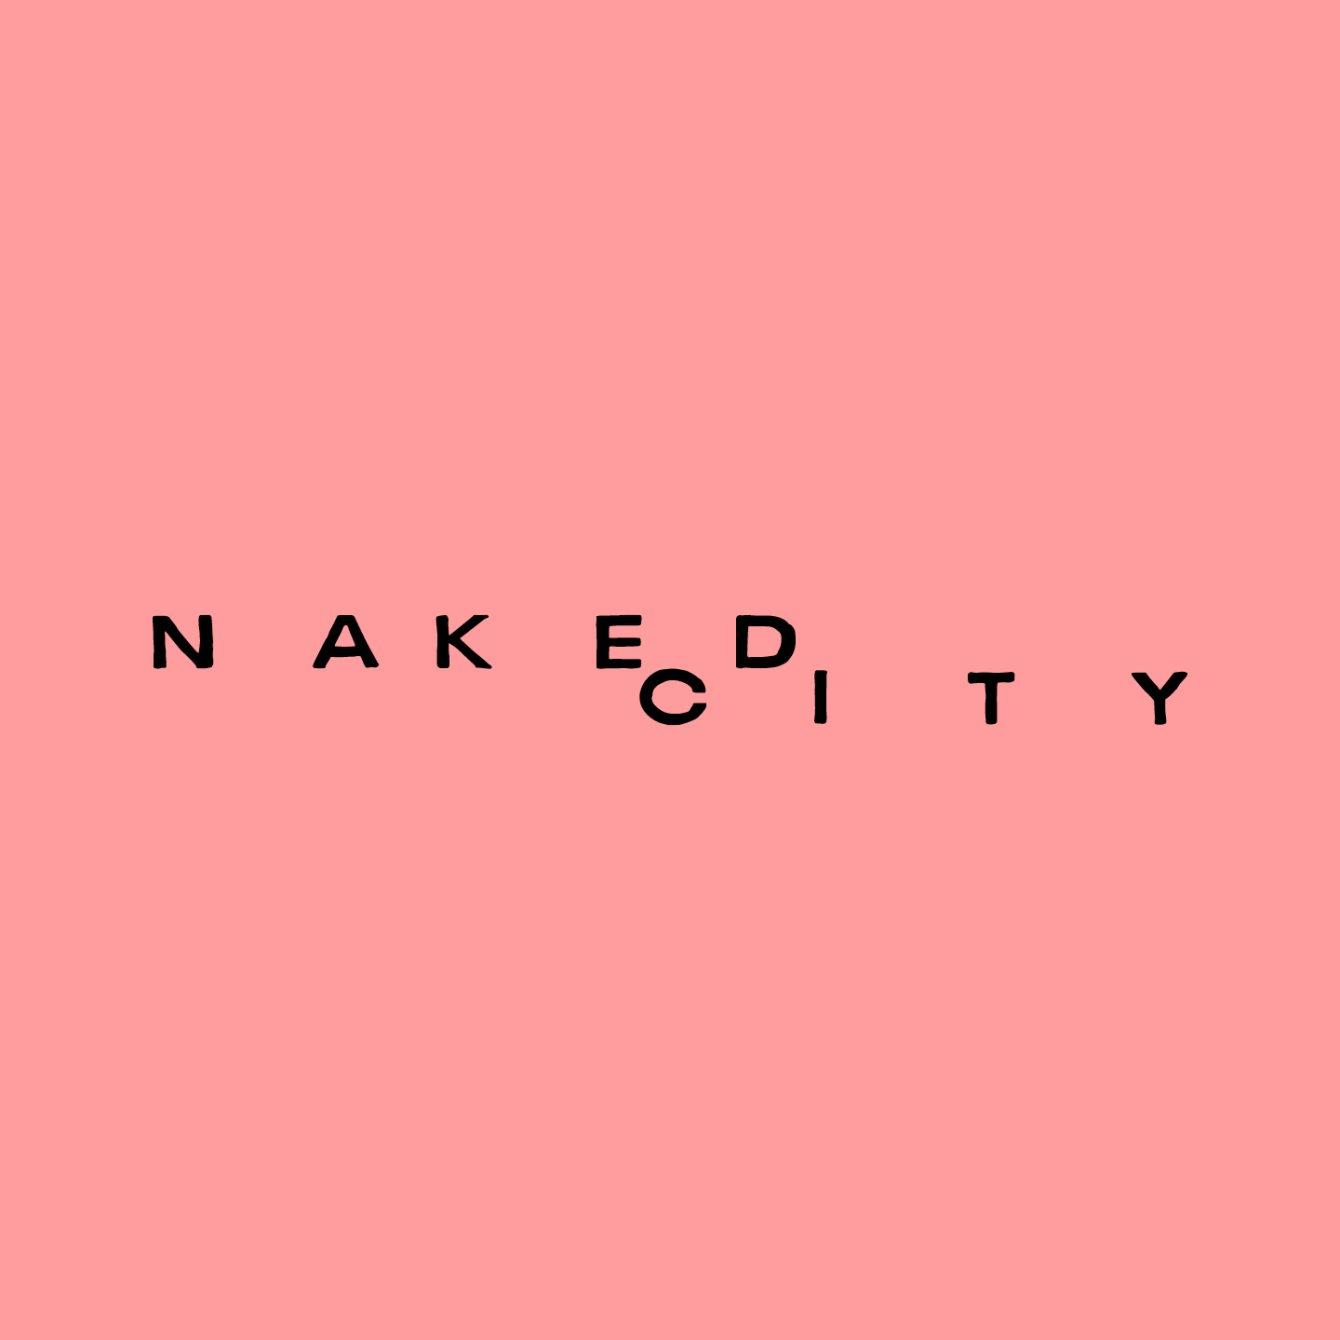 Naked City - Flyer back